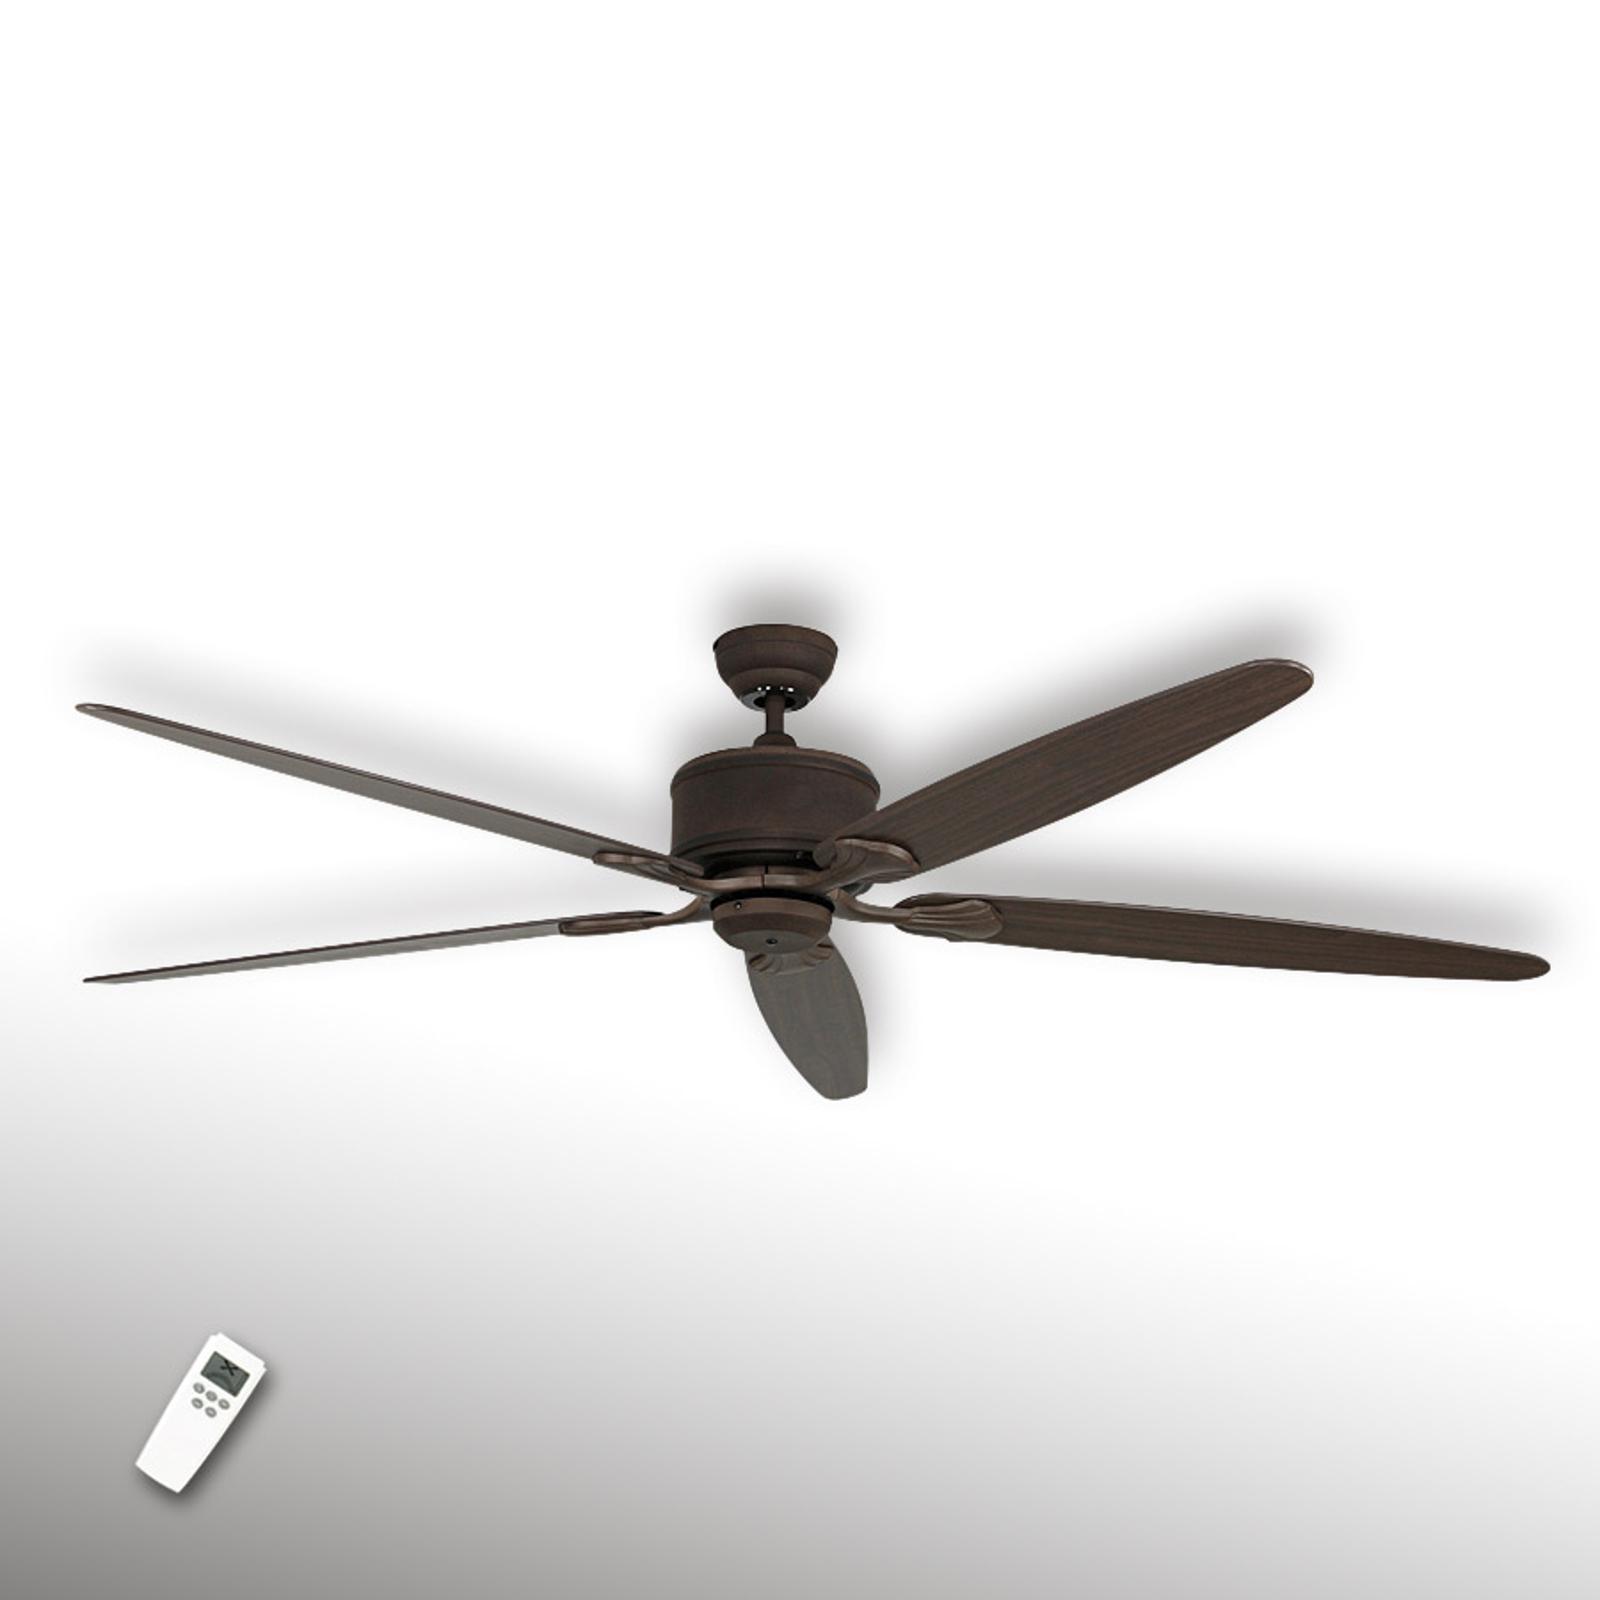 Ventilador de techo Eco Elements 5 aspas marrón